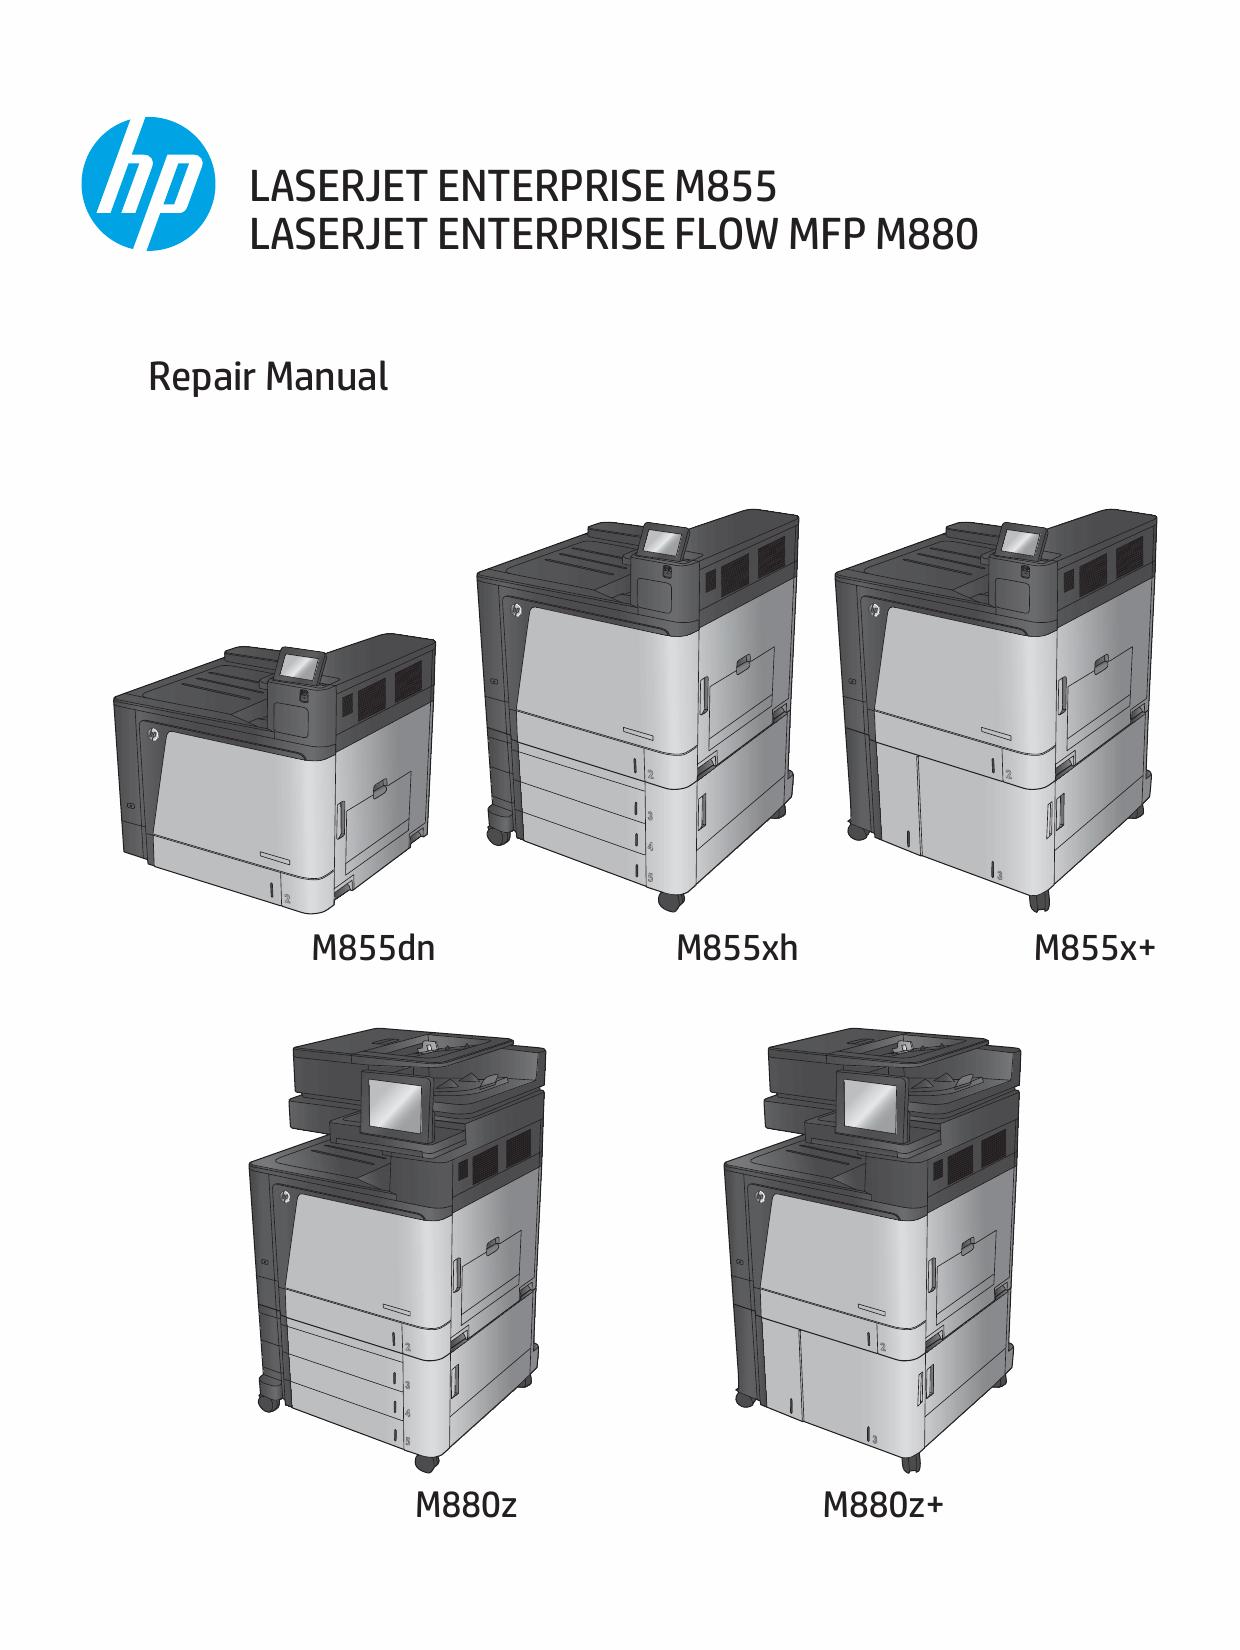 HP LaserJet Enterprise M855 M880 FlowMFP Parts and Repair Manual PDF  download-1